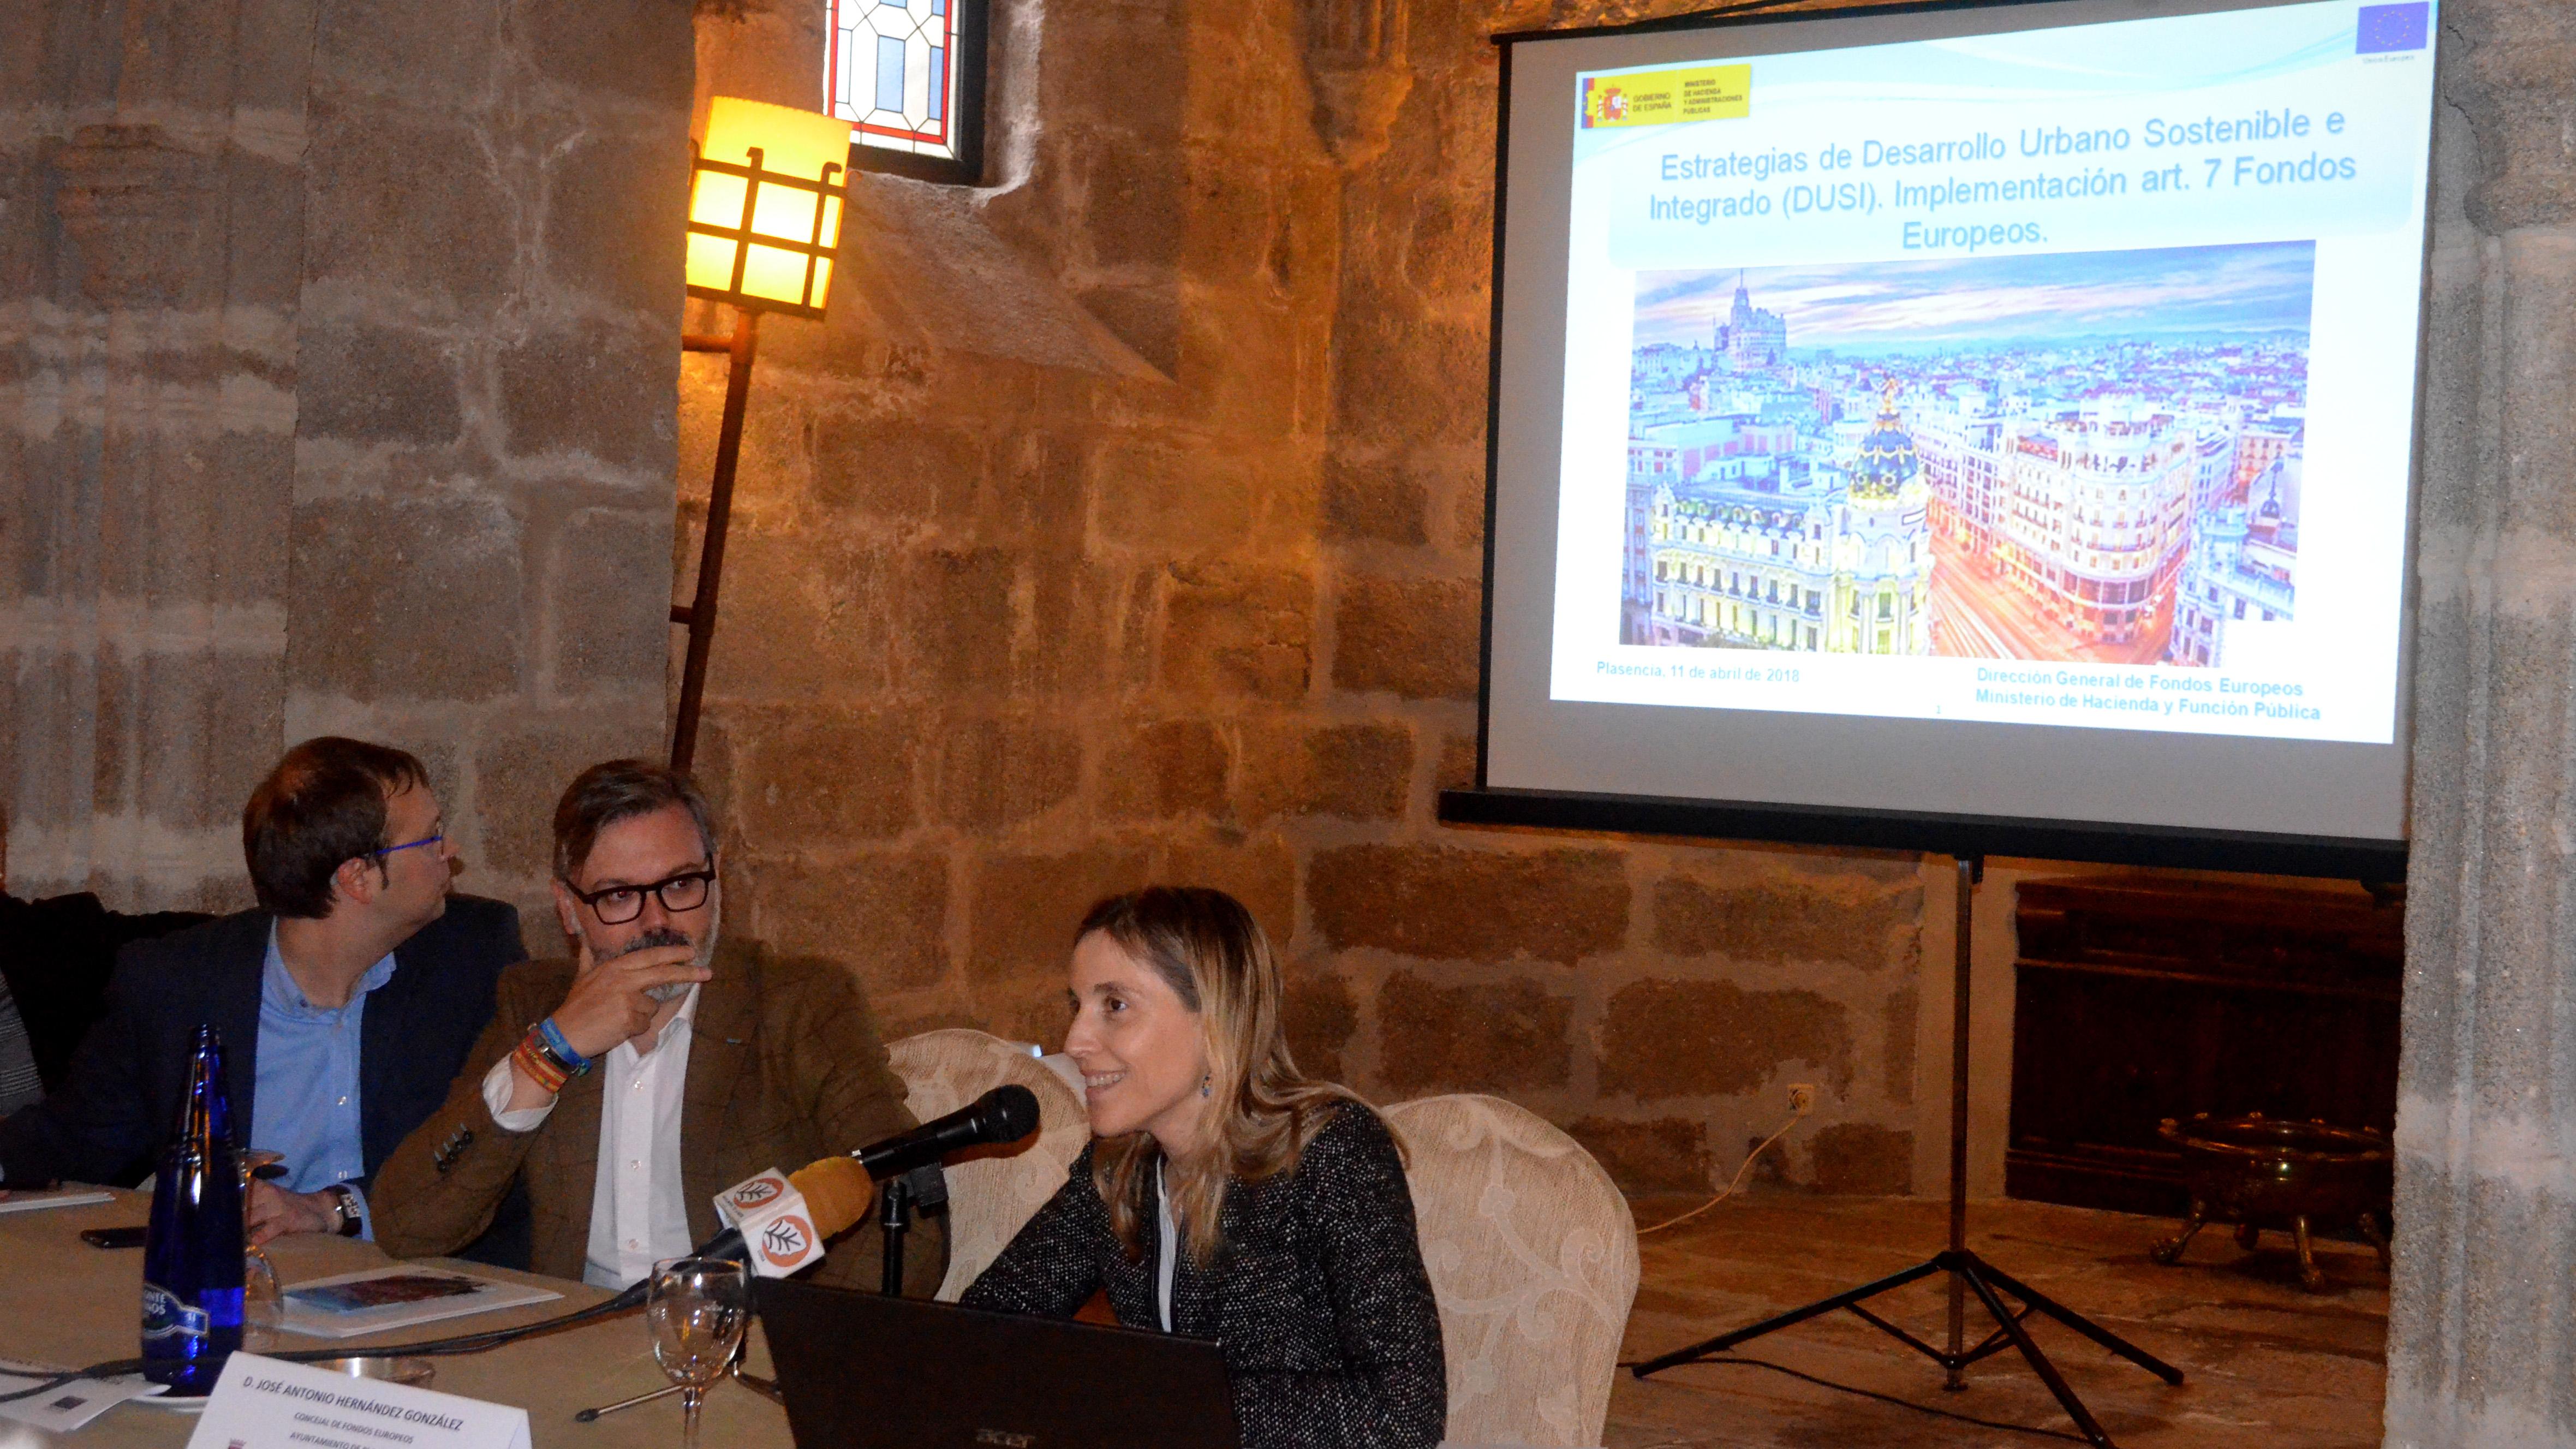 Plasencia, ciudad pionera a nivel nacional al participar en dos Estrategias de Desarrollo Urbano Sostenible e Integrado (DUSI)